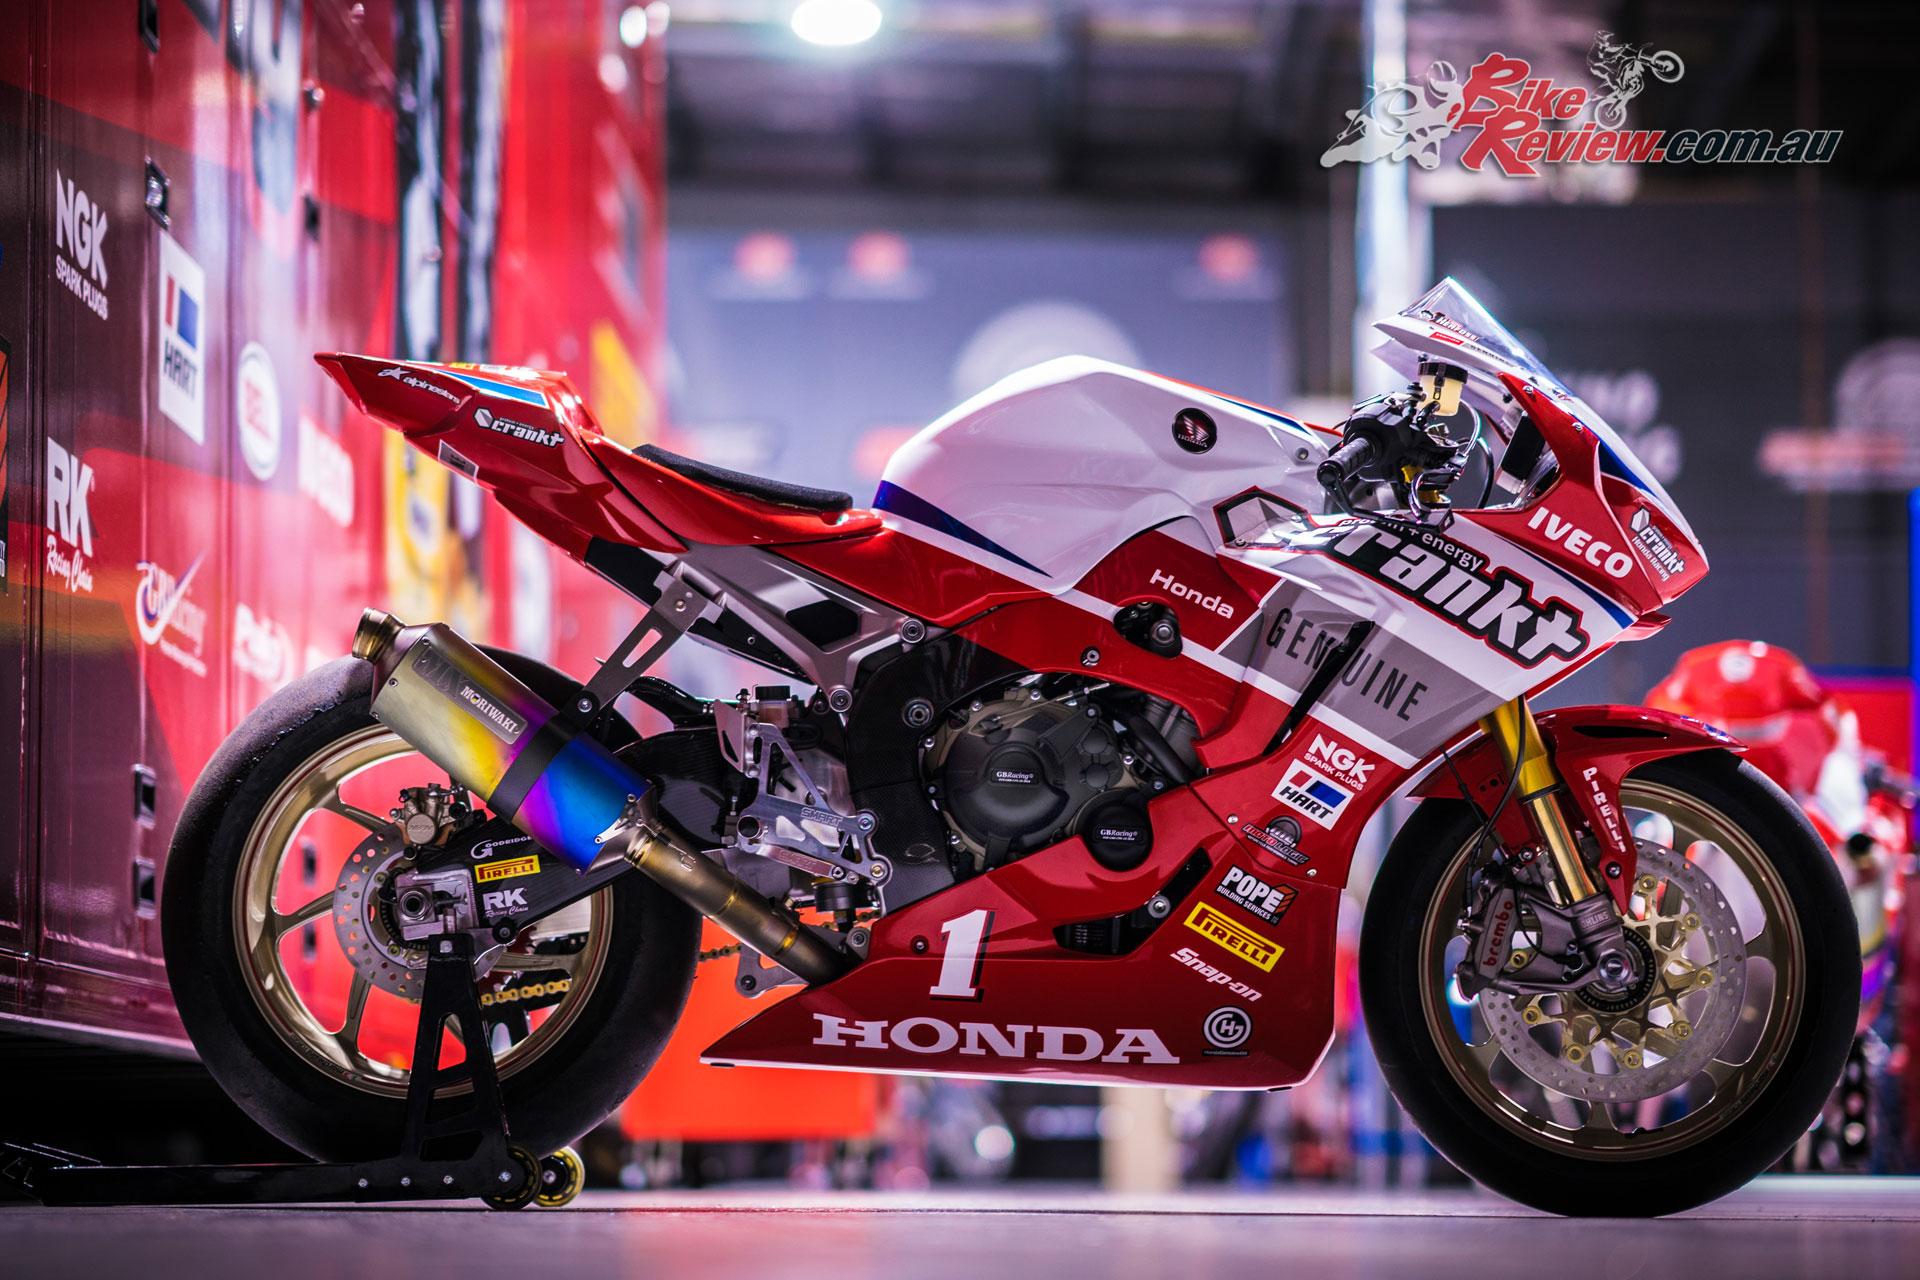 Honda Off Road >> Honda CBR1000RR SP2 To Debut At Darwin ASBK - Bike Review